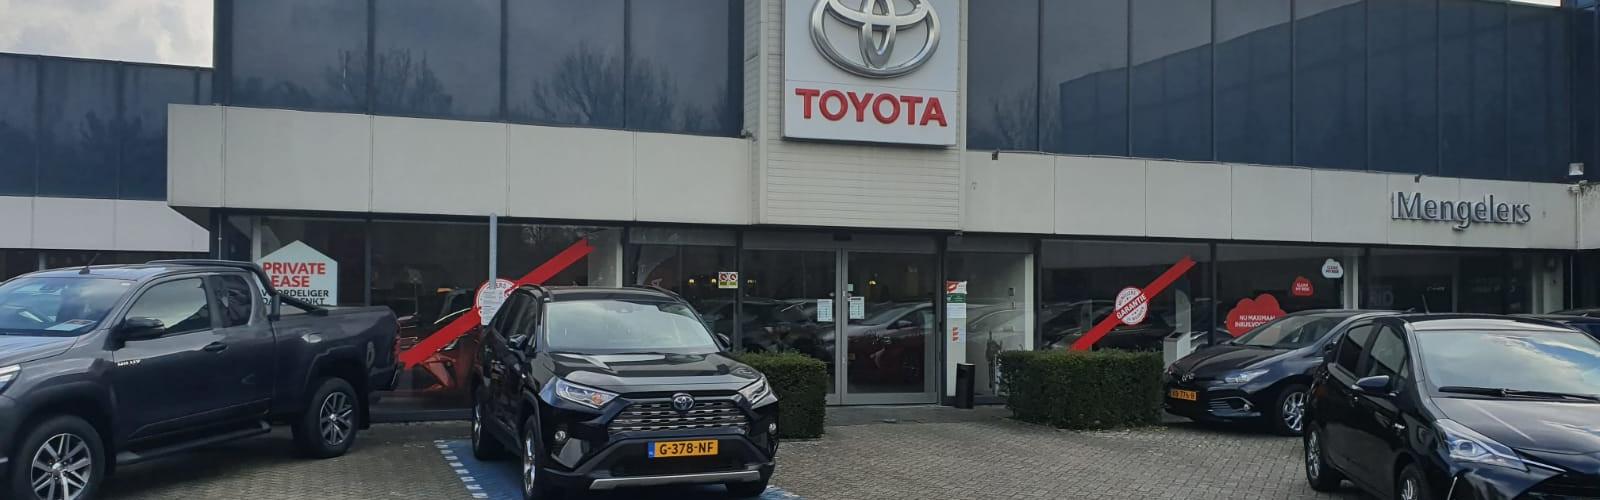 Mengelers Toyota Maastricht front